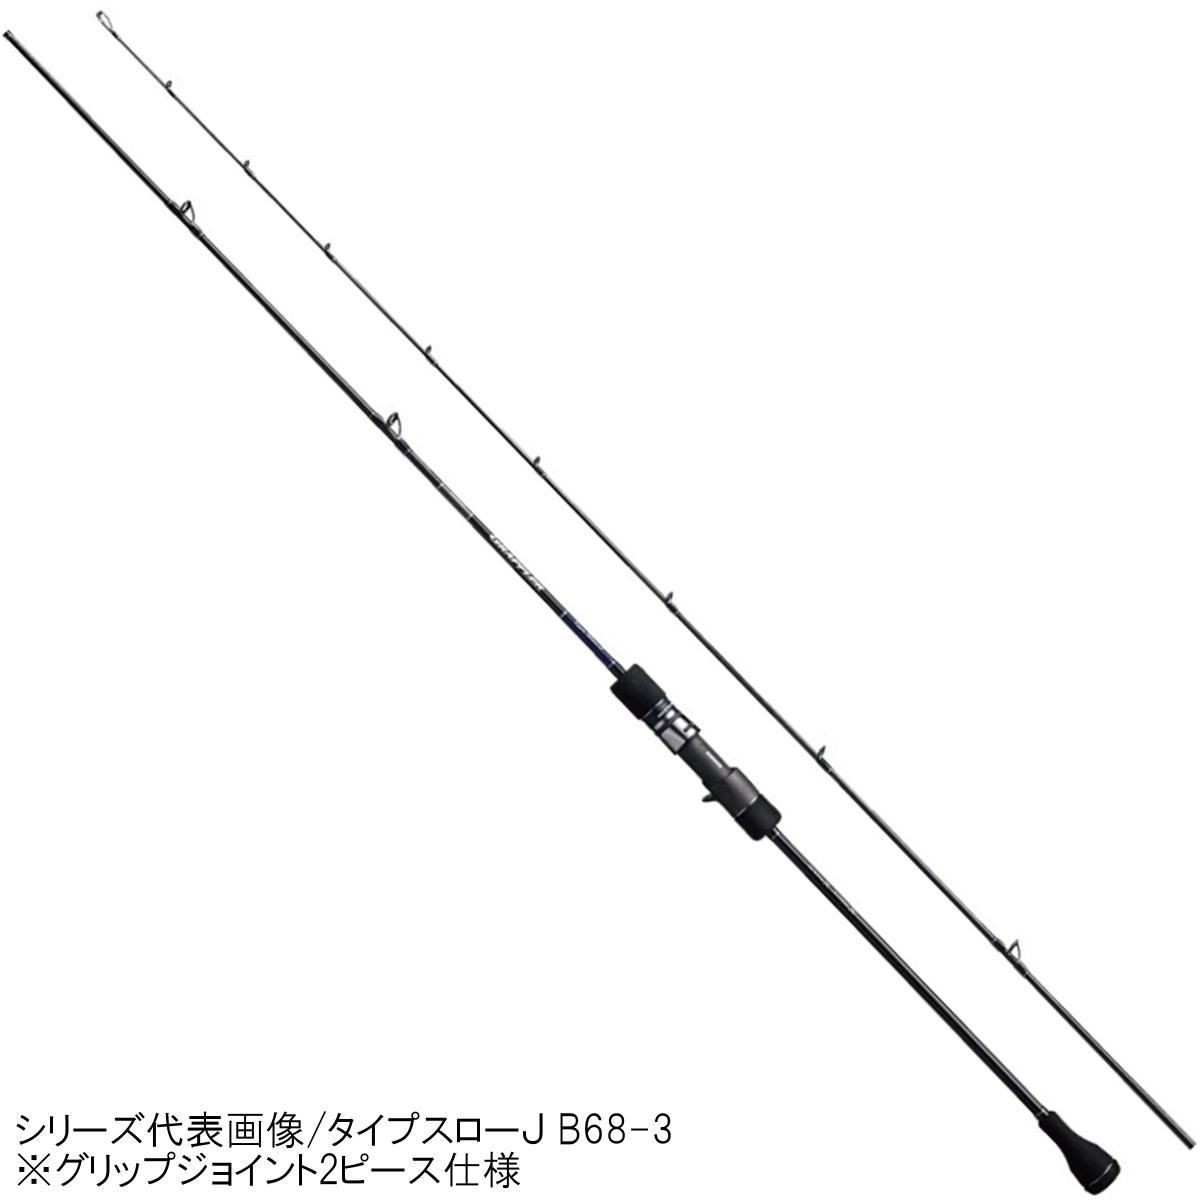 シマノ グラップラー タイプスローJ B68-5【大型商品】